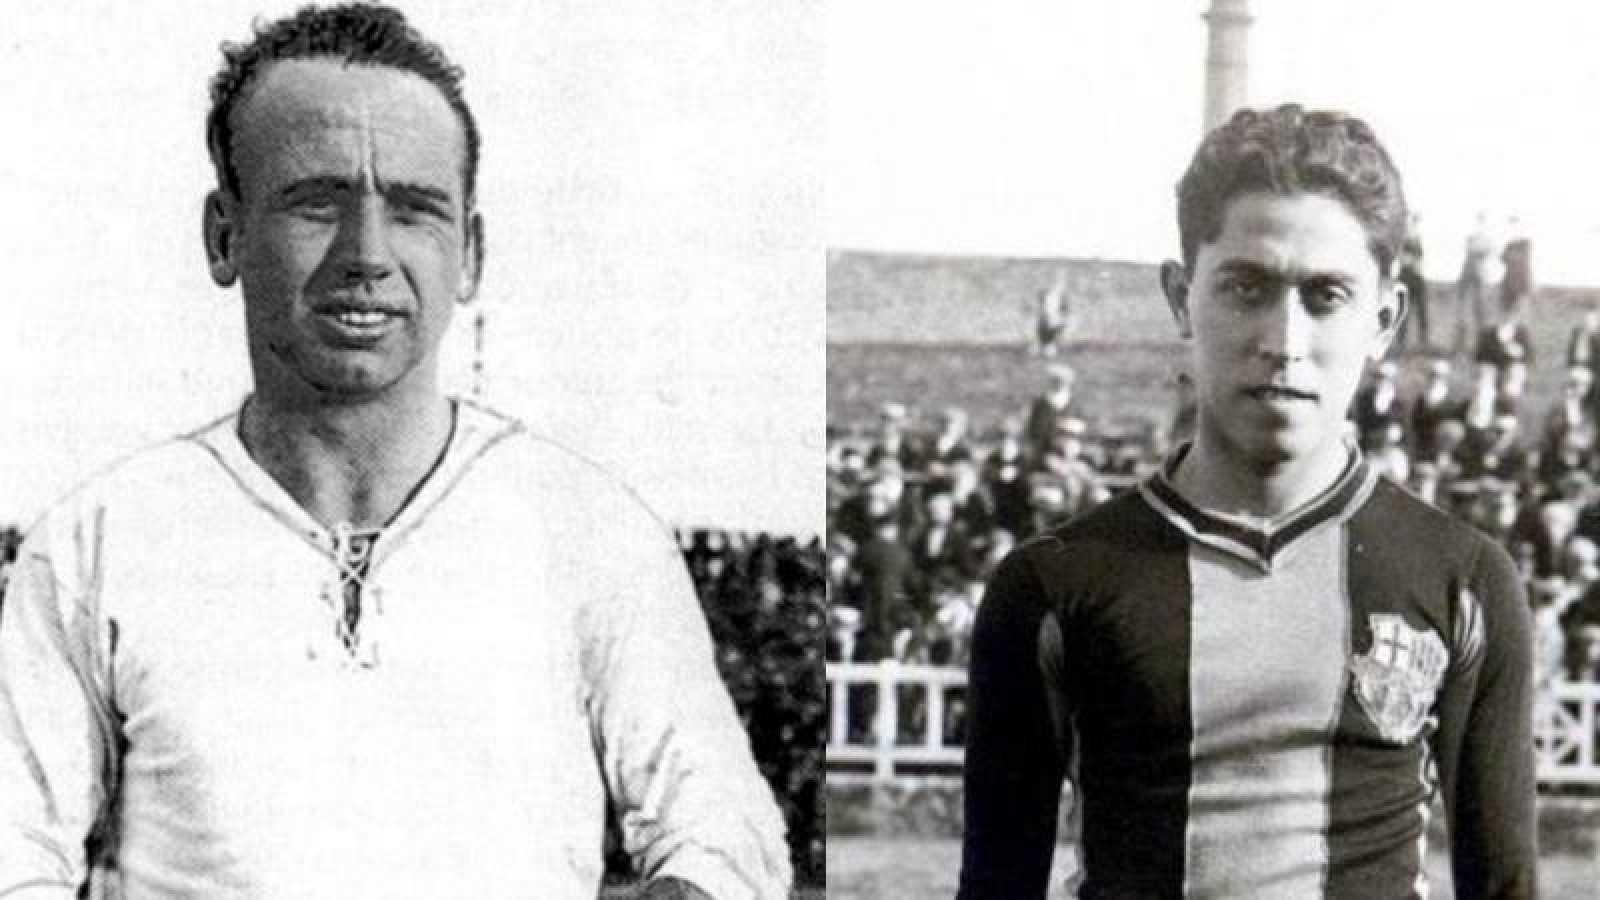 Fotomontaje de los jugadores históricos de Madrid y Barcelona René Petit y Paulino Alcántara.